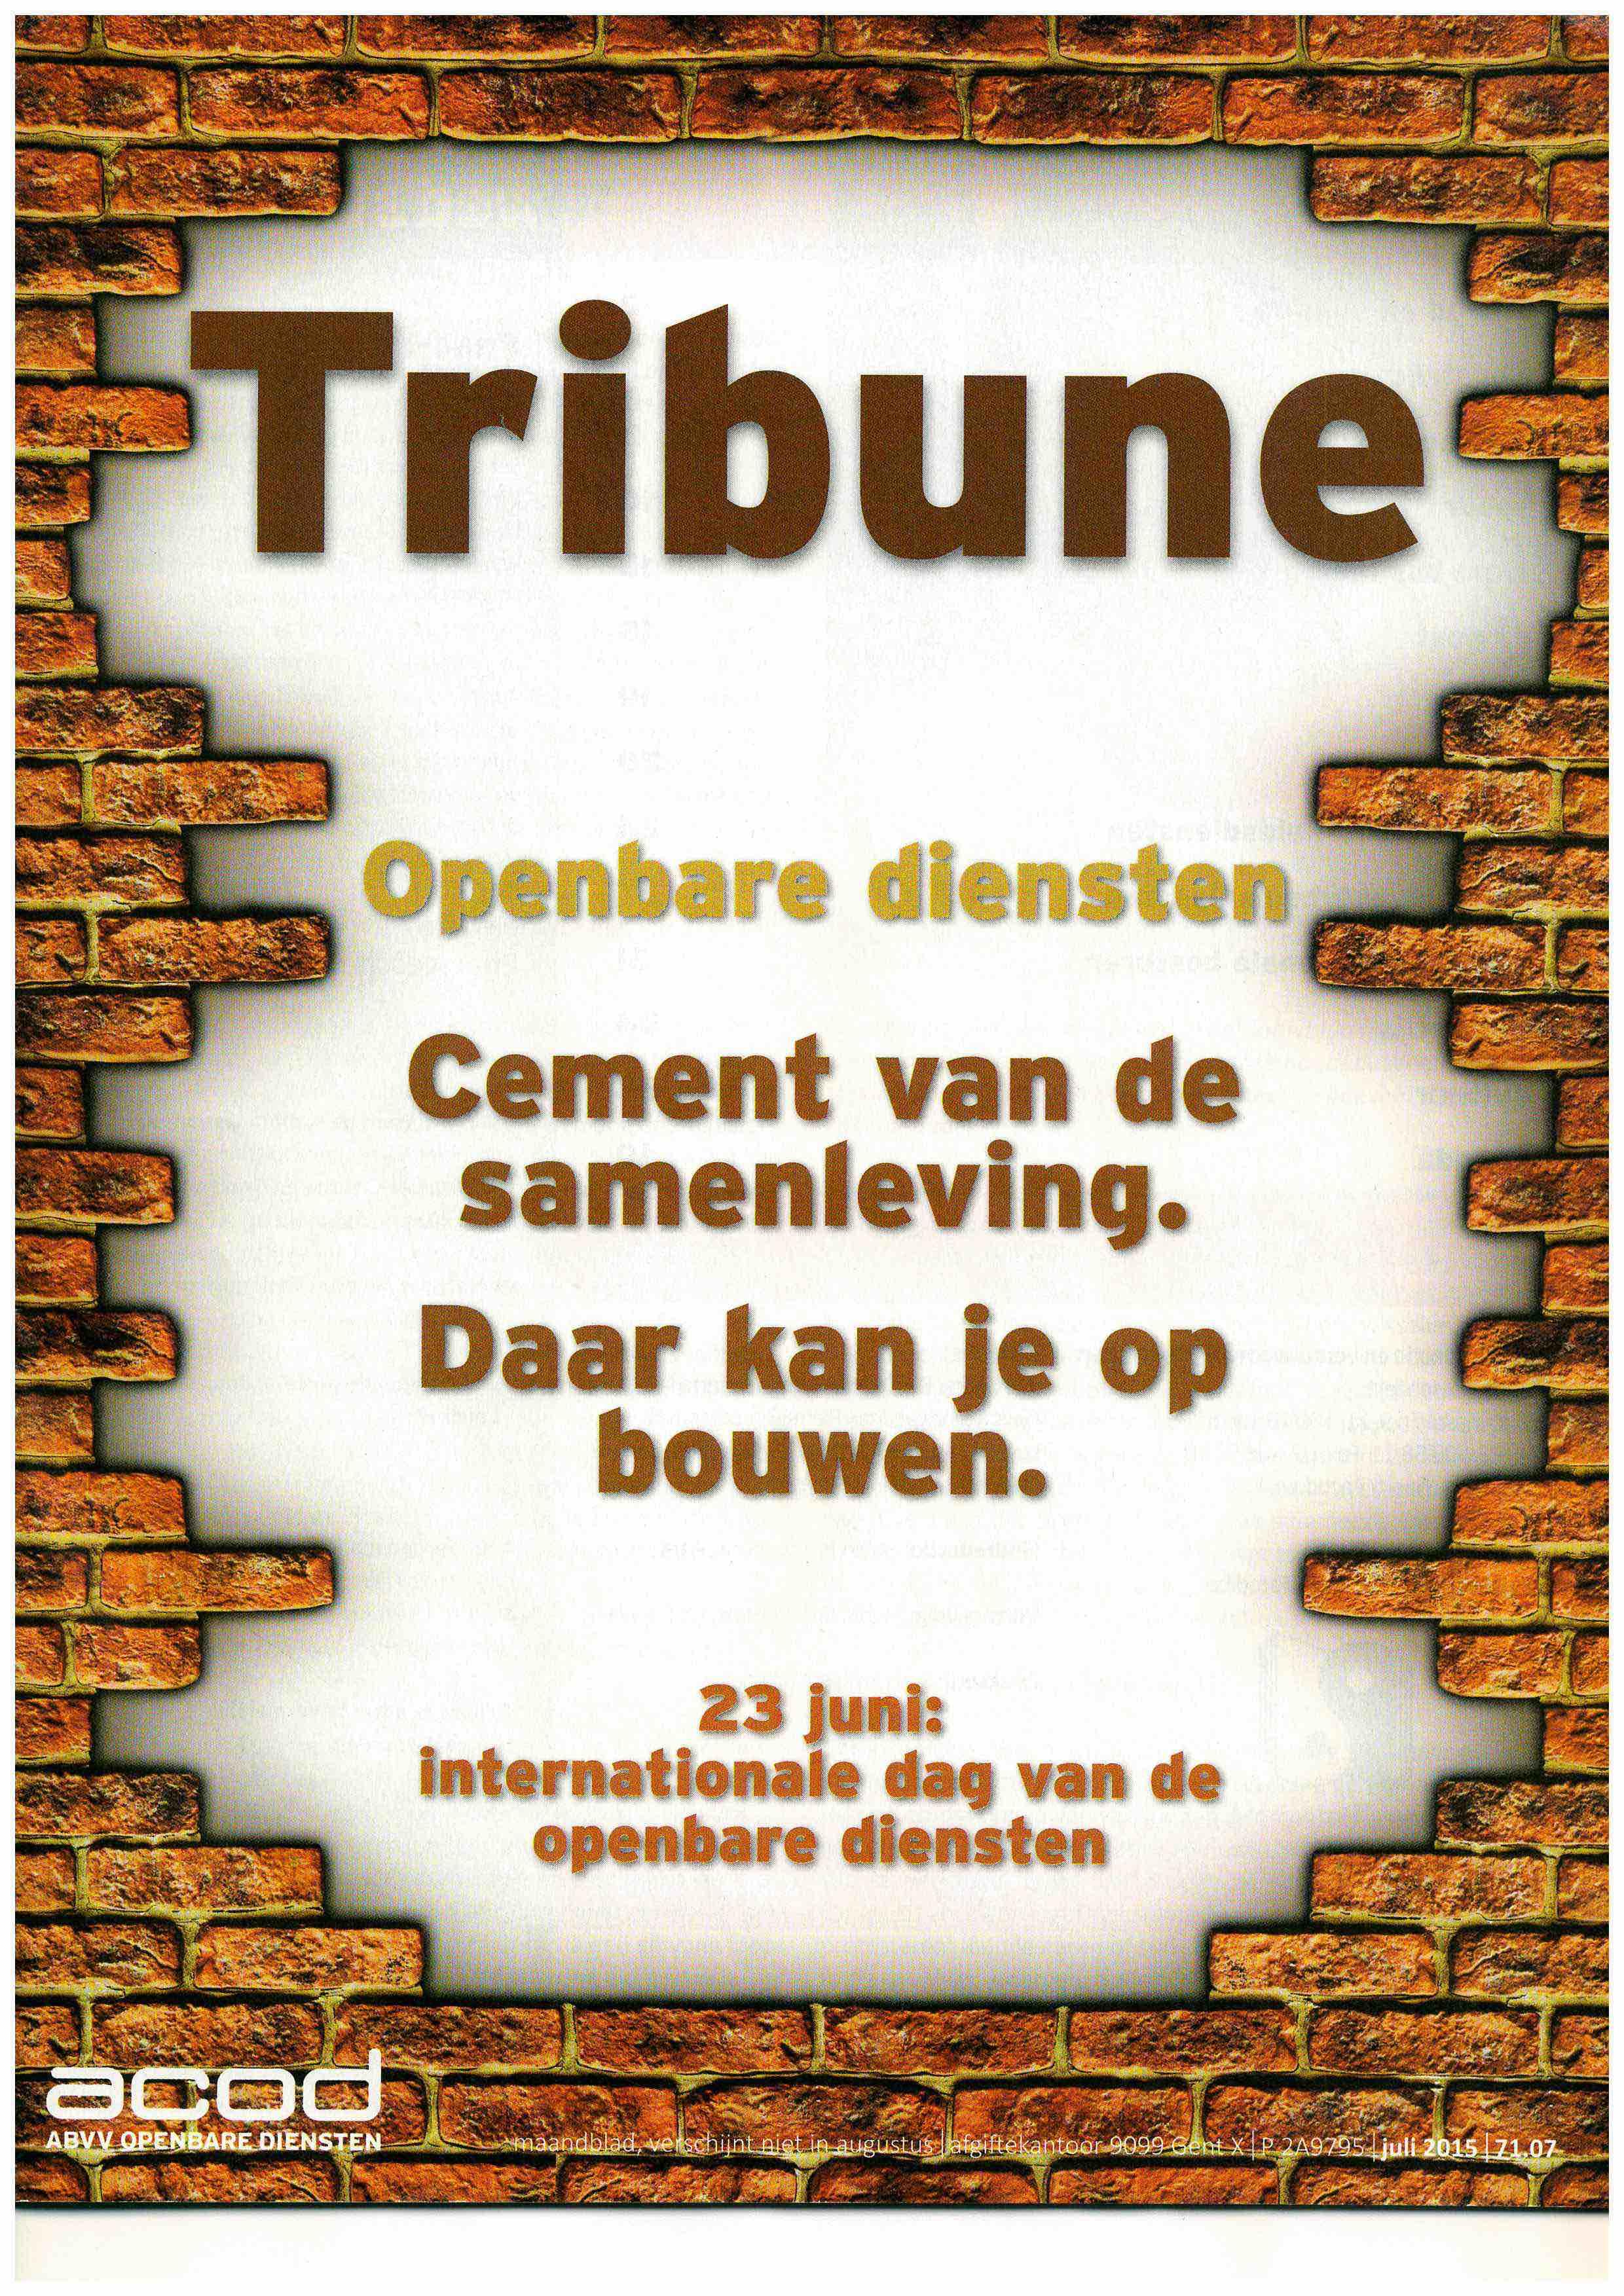 Tribune-1507